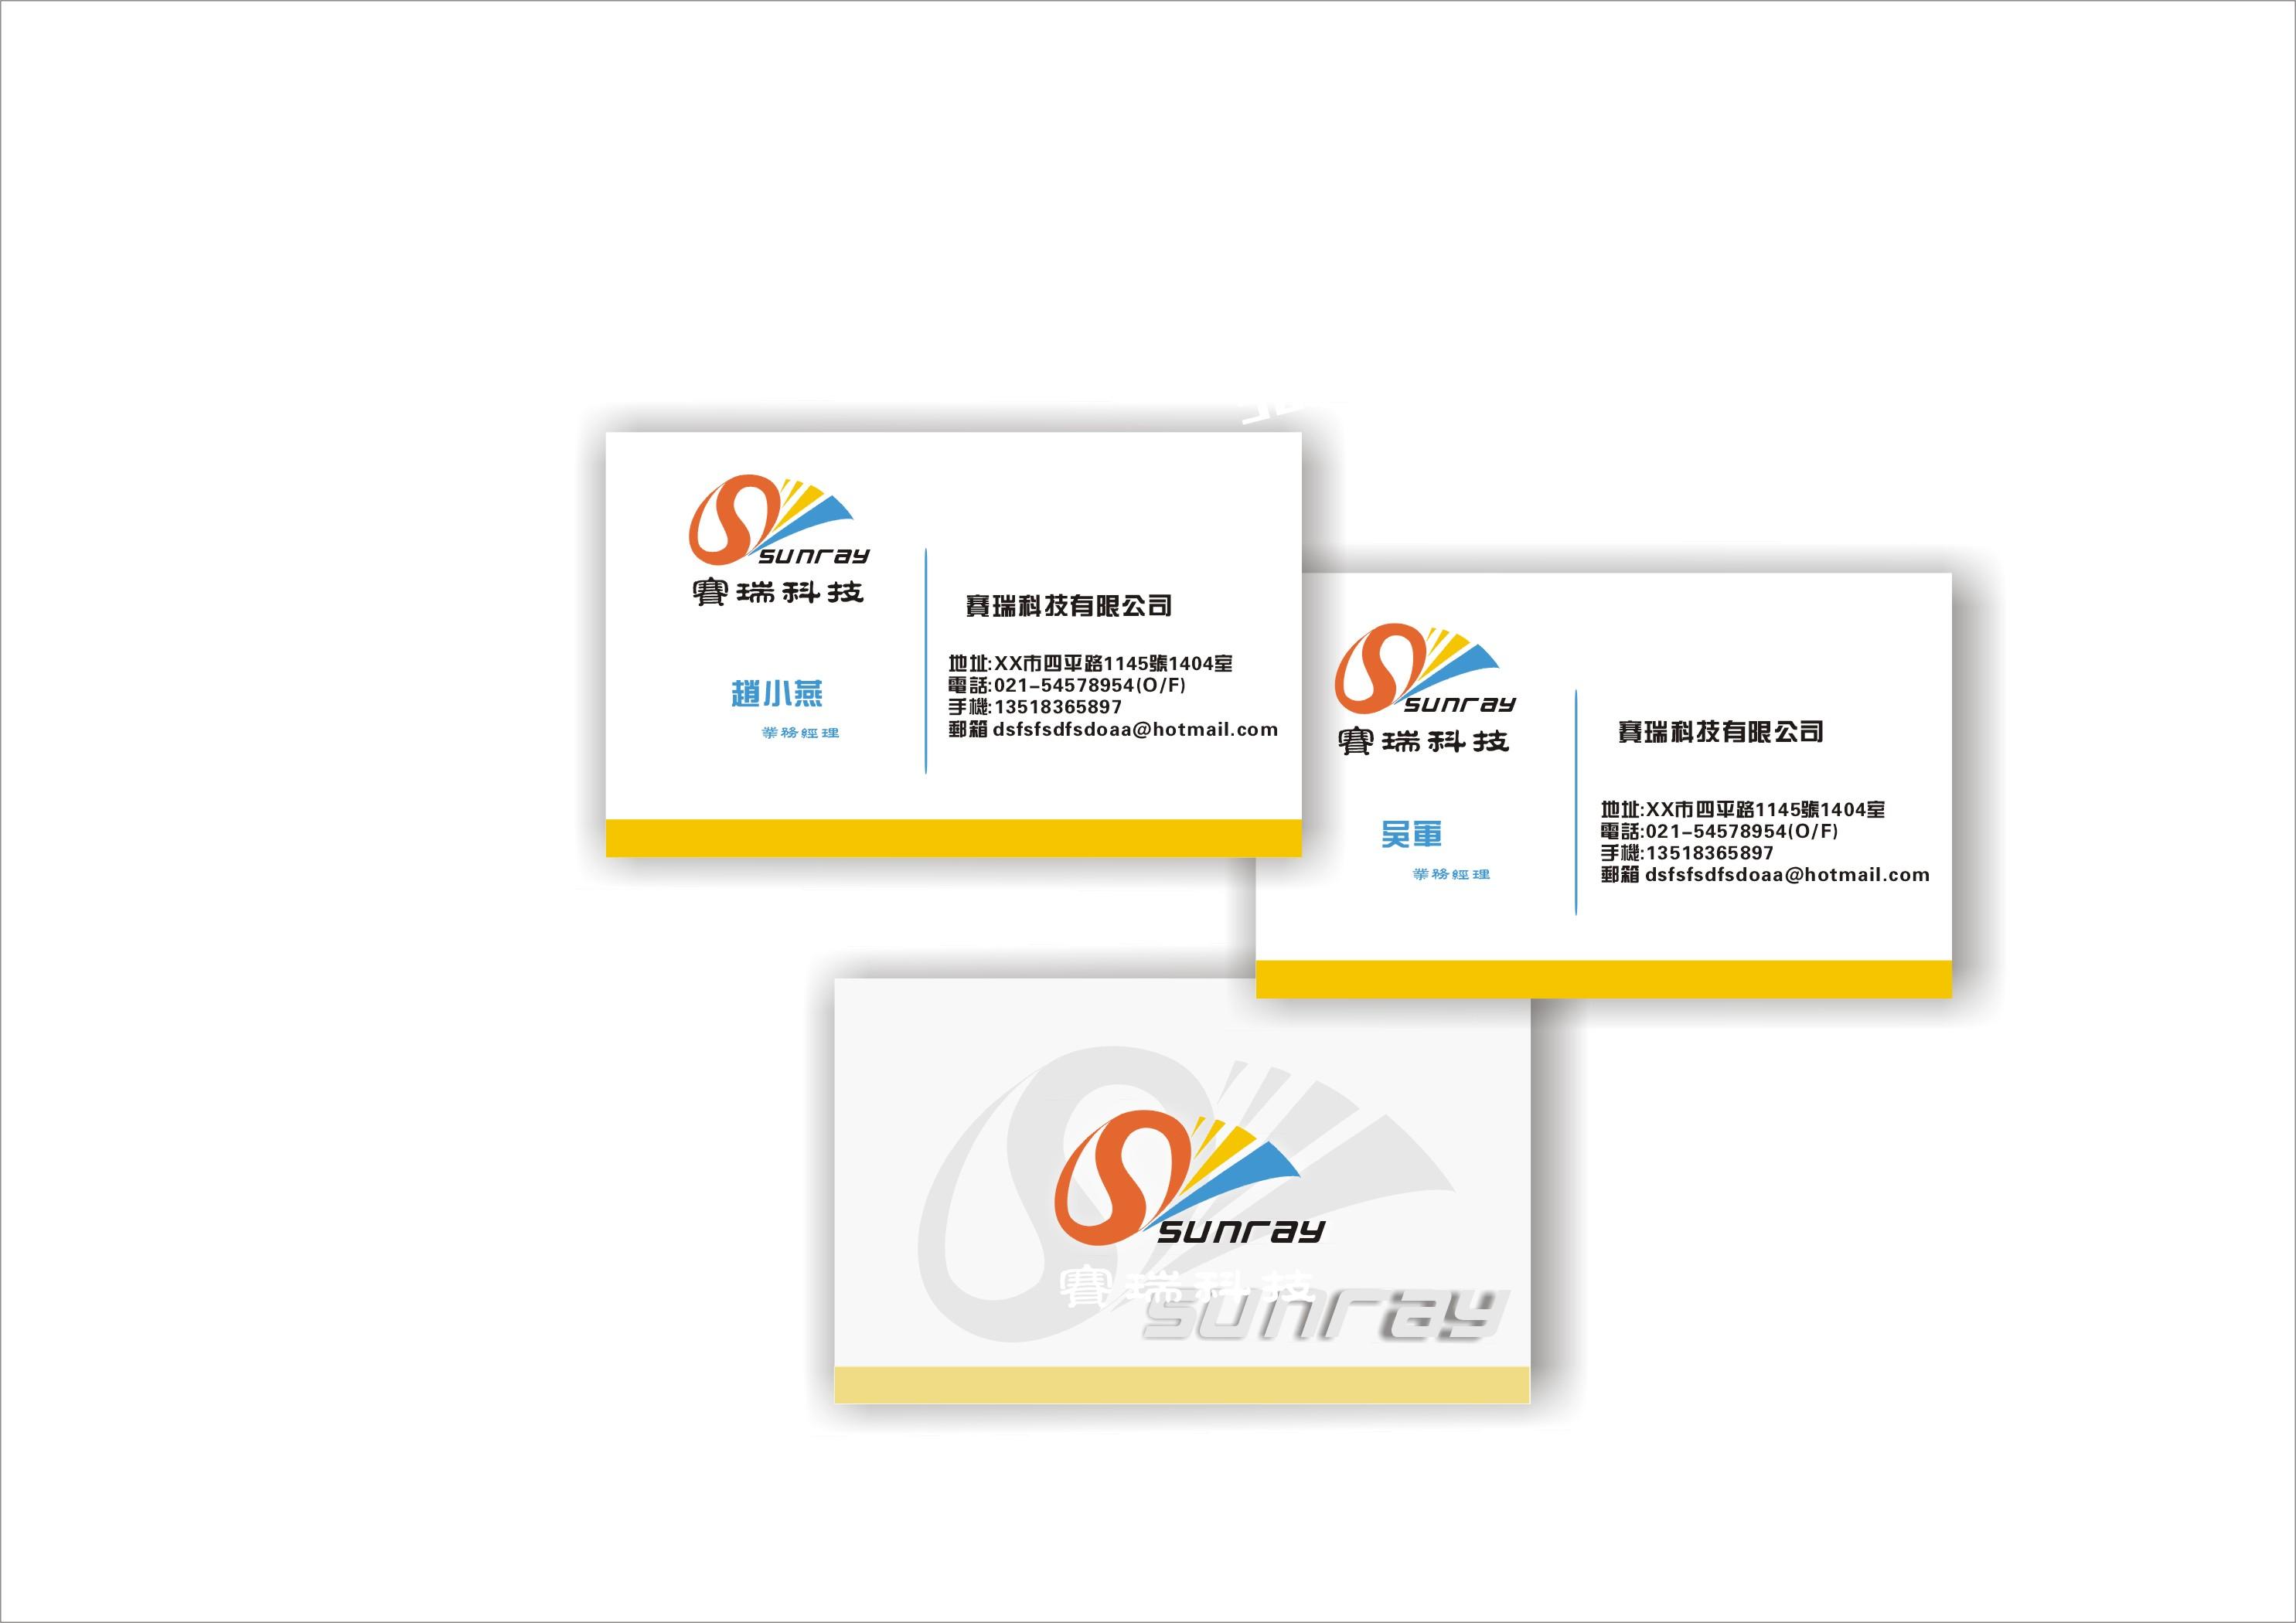 750元 赛瑞科技公司logo/名片设计- 稿件[#1811692] - 作者:拿手工